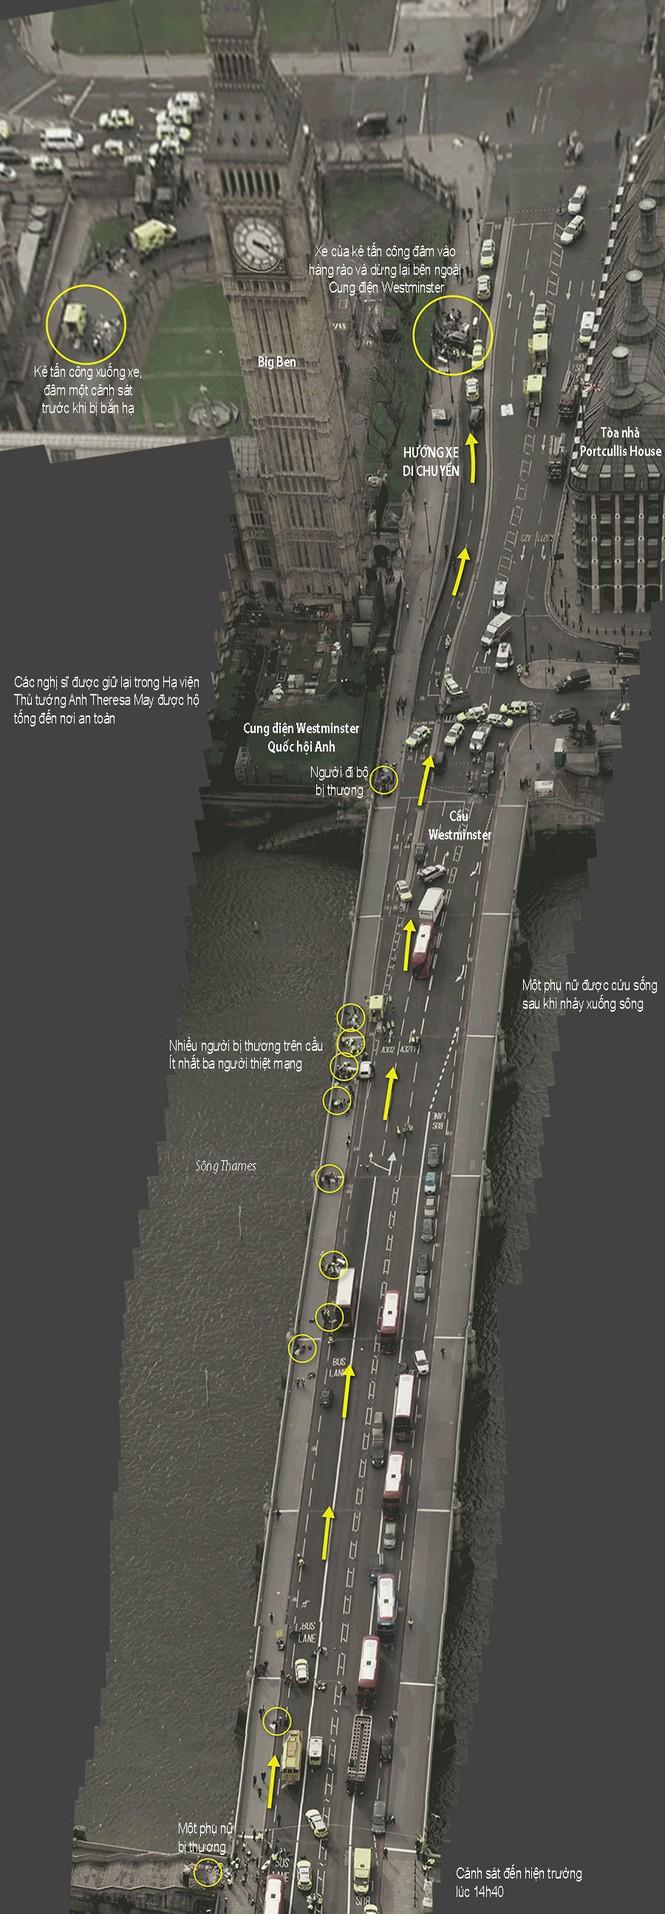 Cung đường chết chóc trong vụ khủng bố gần quốc hội Anh - ảnh 1